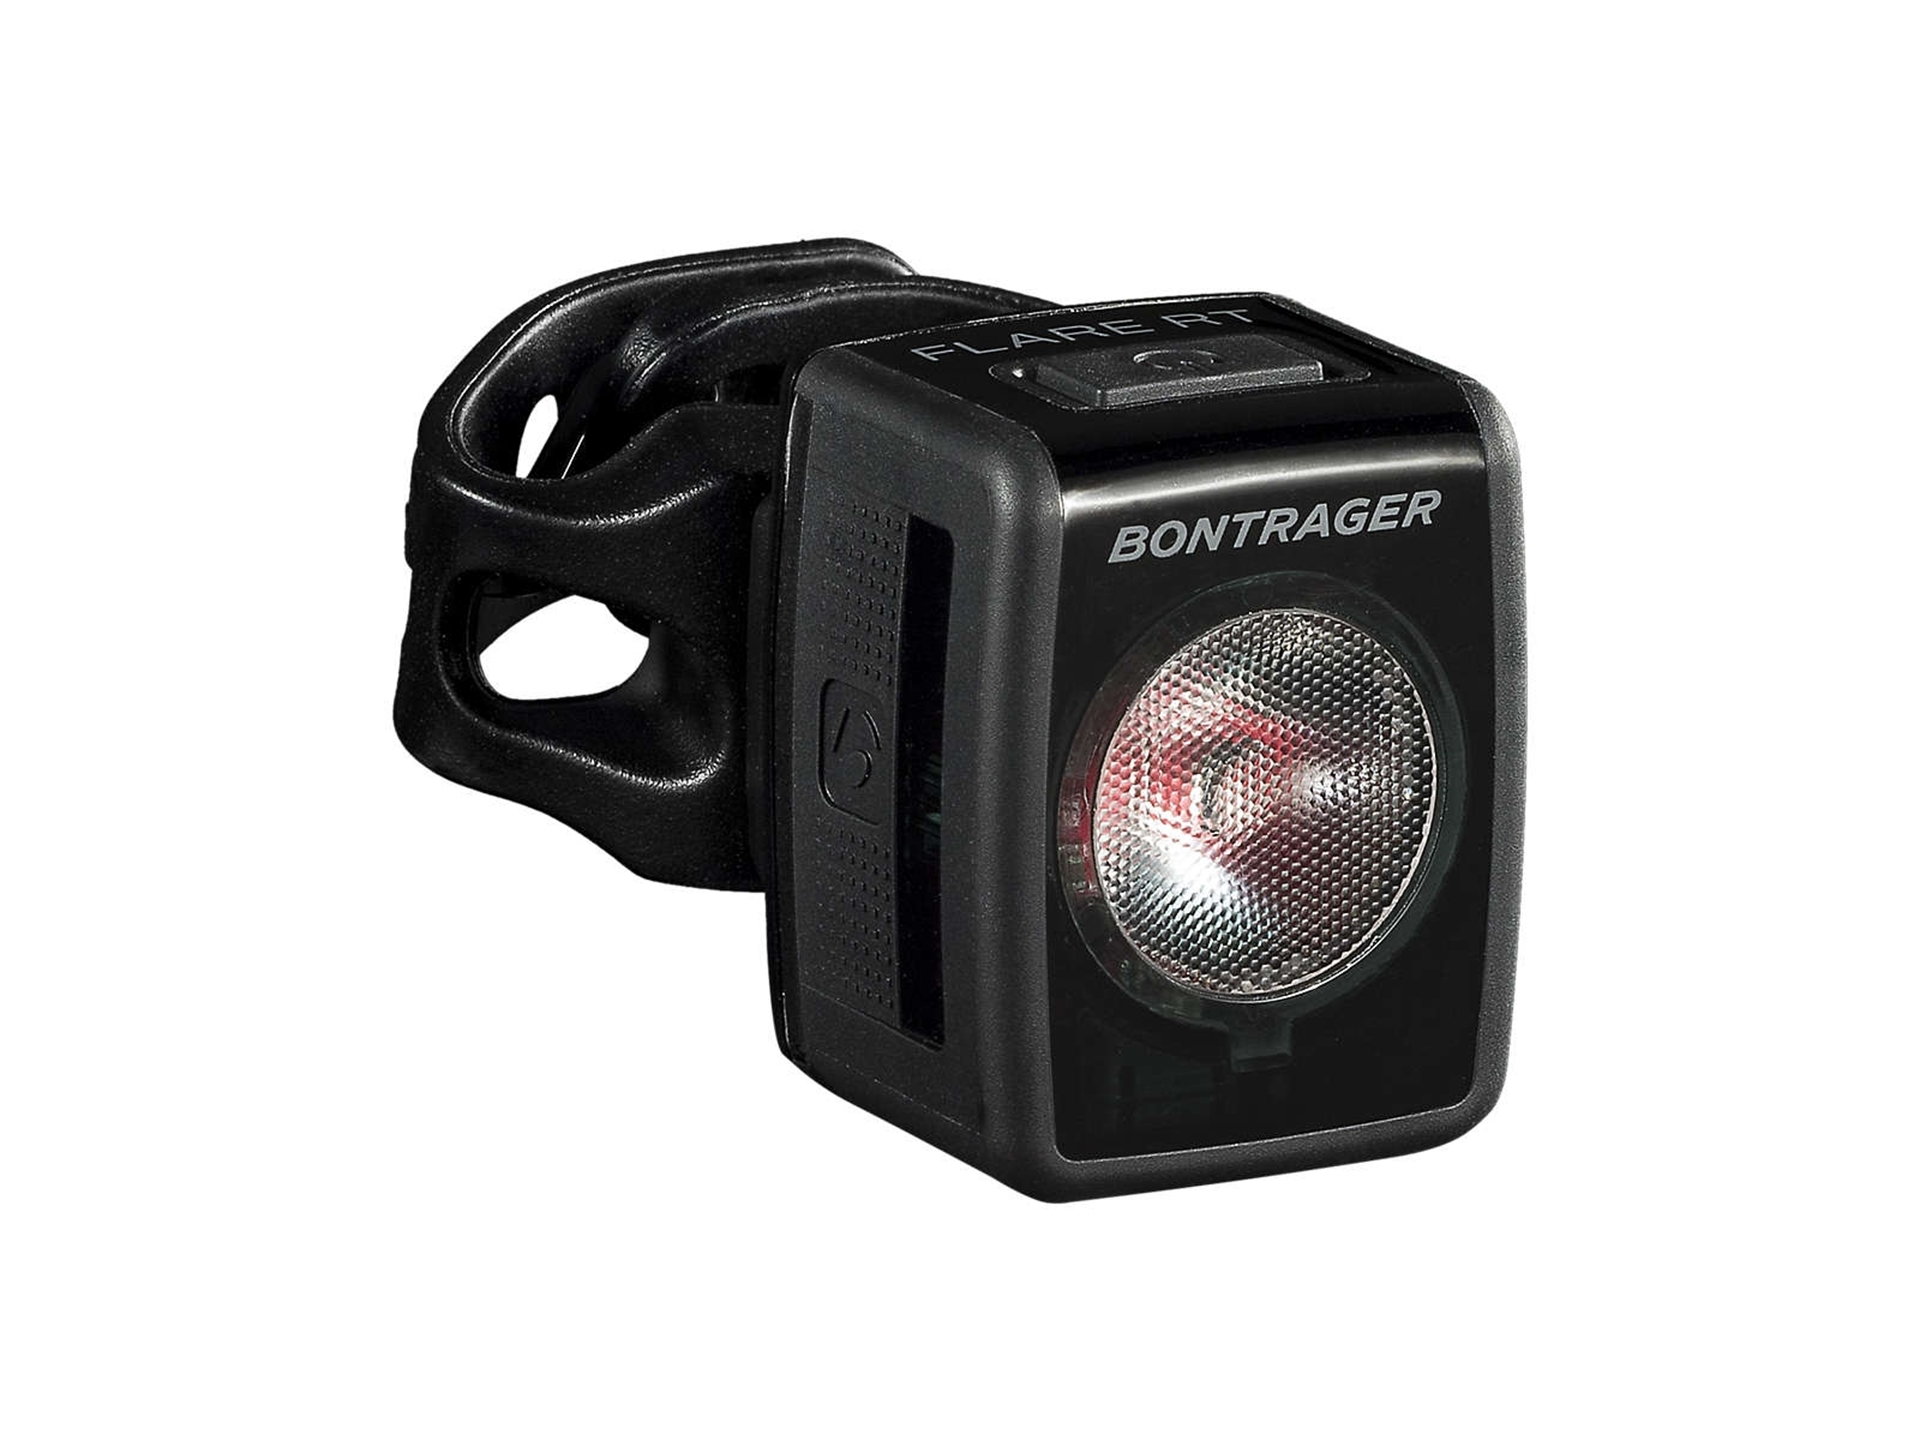 Bontrager Flare RT Bakdiod Säkerhetslampa